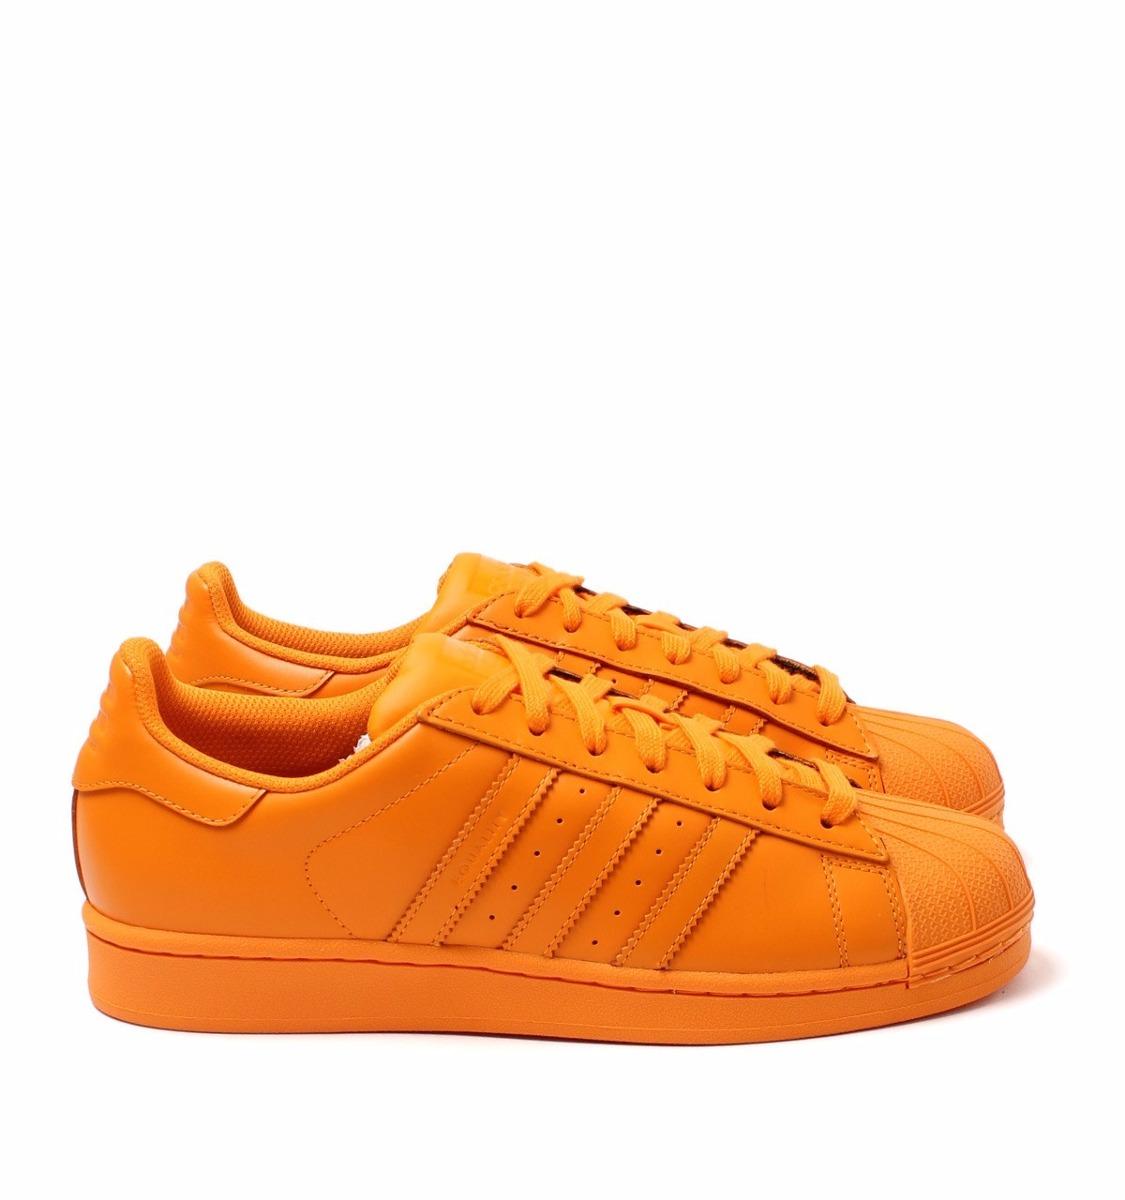 Adidas Superstar Colores Hombre